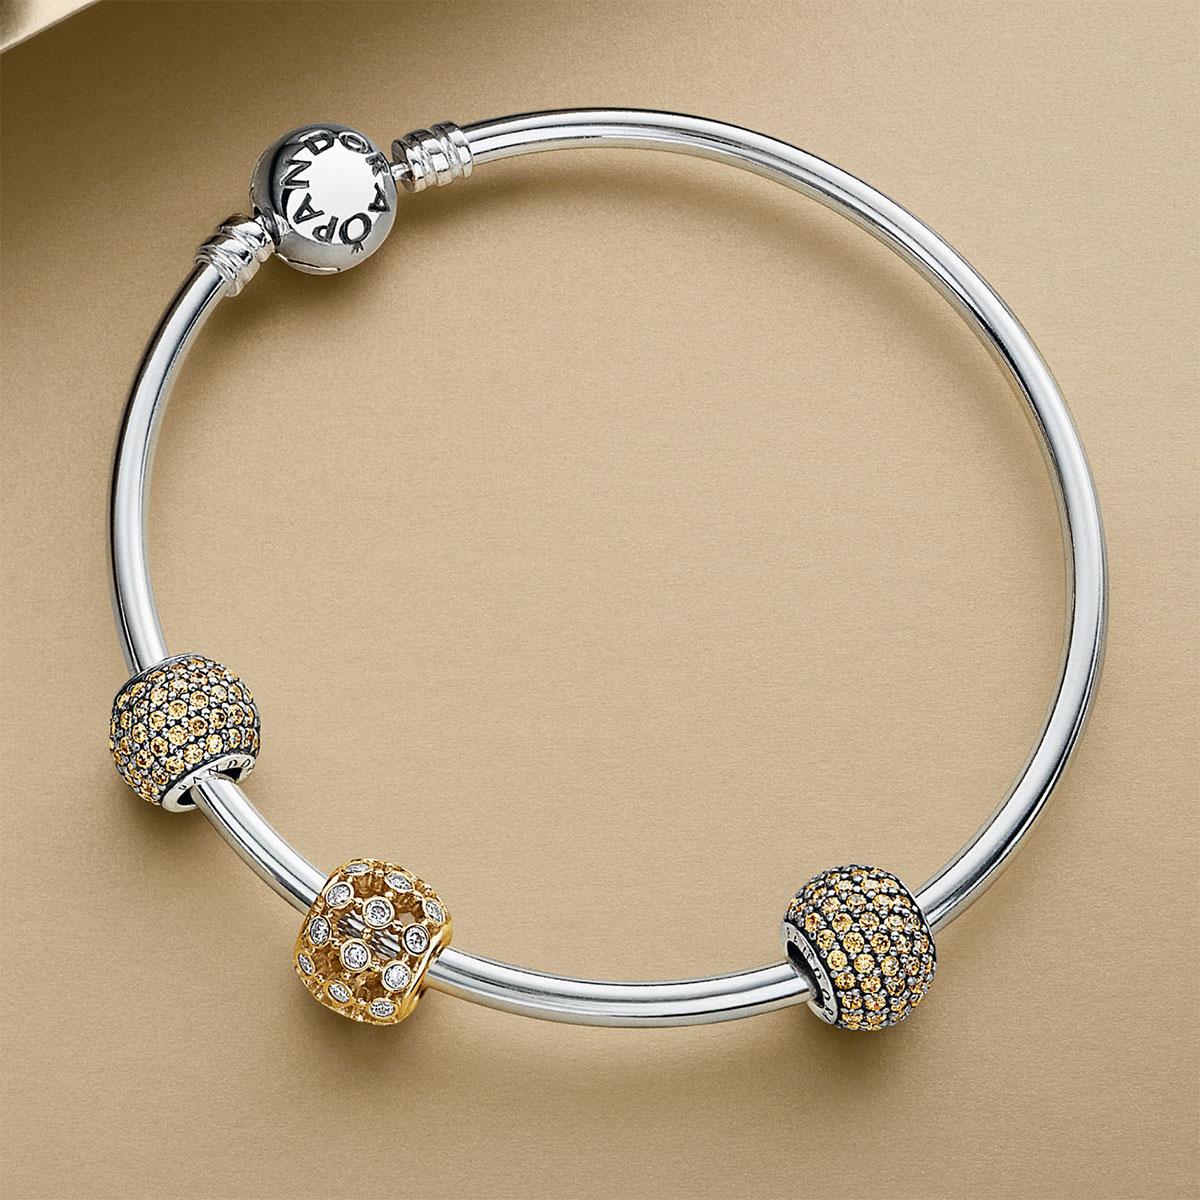 f99d61eaaf8 ... PANDORA Sterling Silver with Barrel Clasp Bangle Bracelet